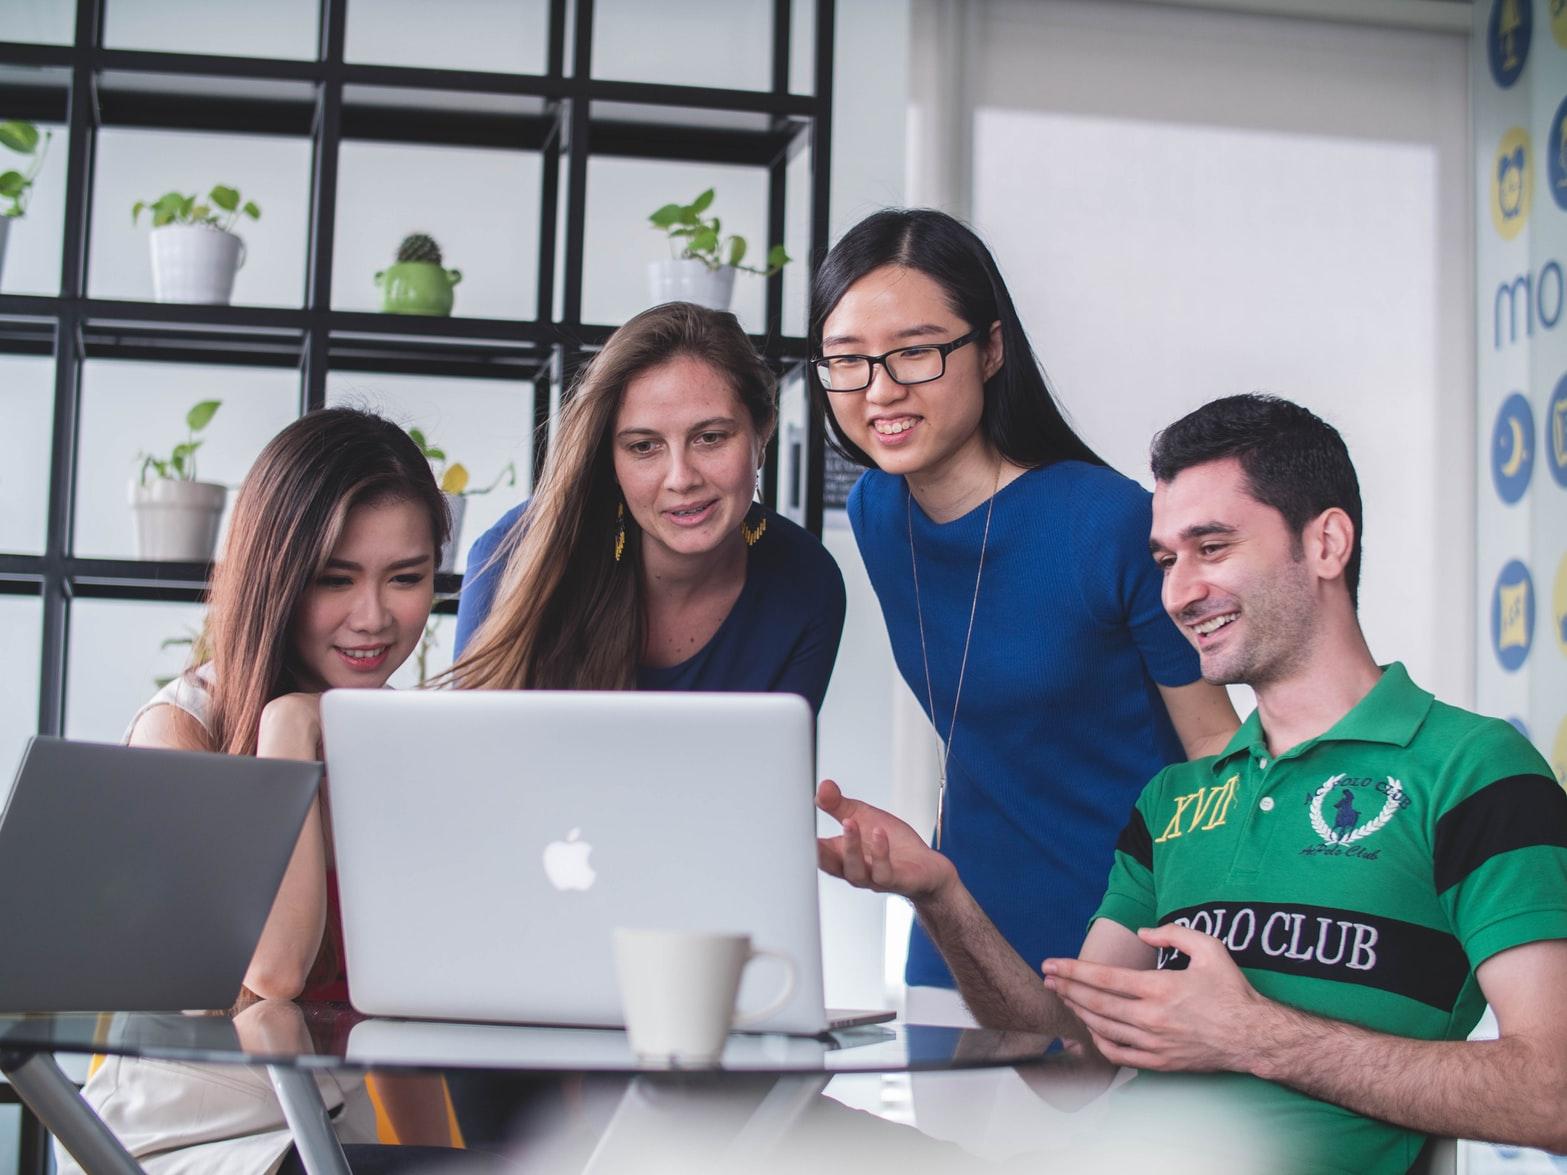 Quatro pessoas dialogando e gesticulando diante de uma tela de computador